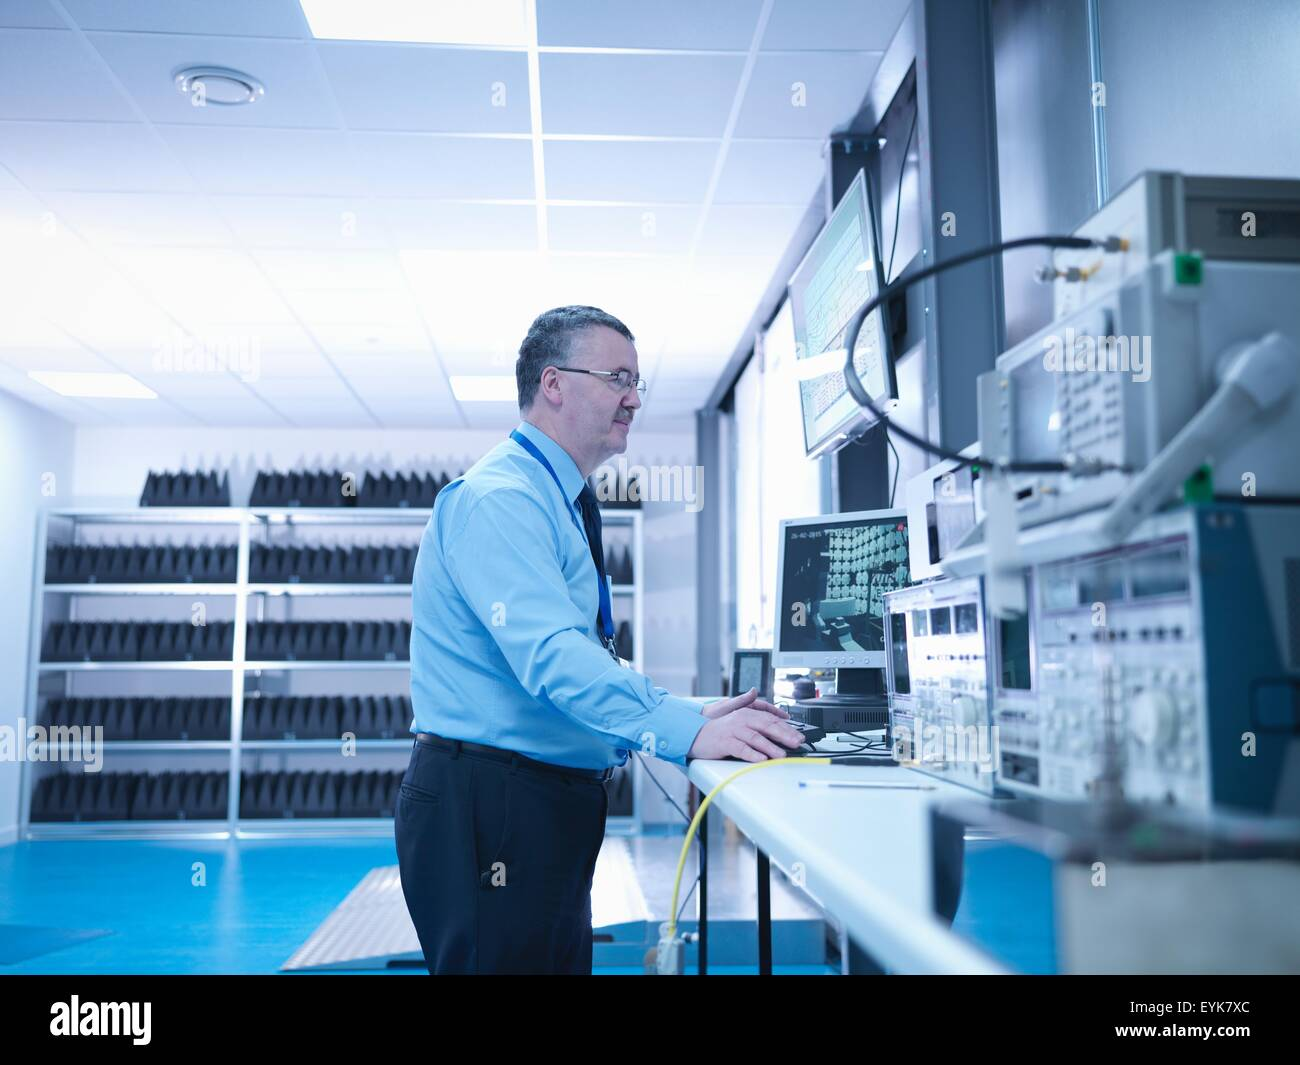 Elektromagnetische Verträglichkeit Ingenieur abgestrahlten Emissionen Durchführung Scannen für elektrische Stockbild